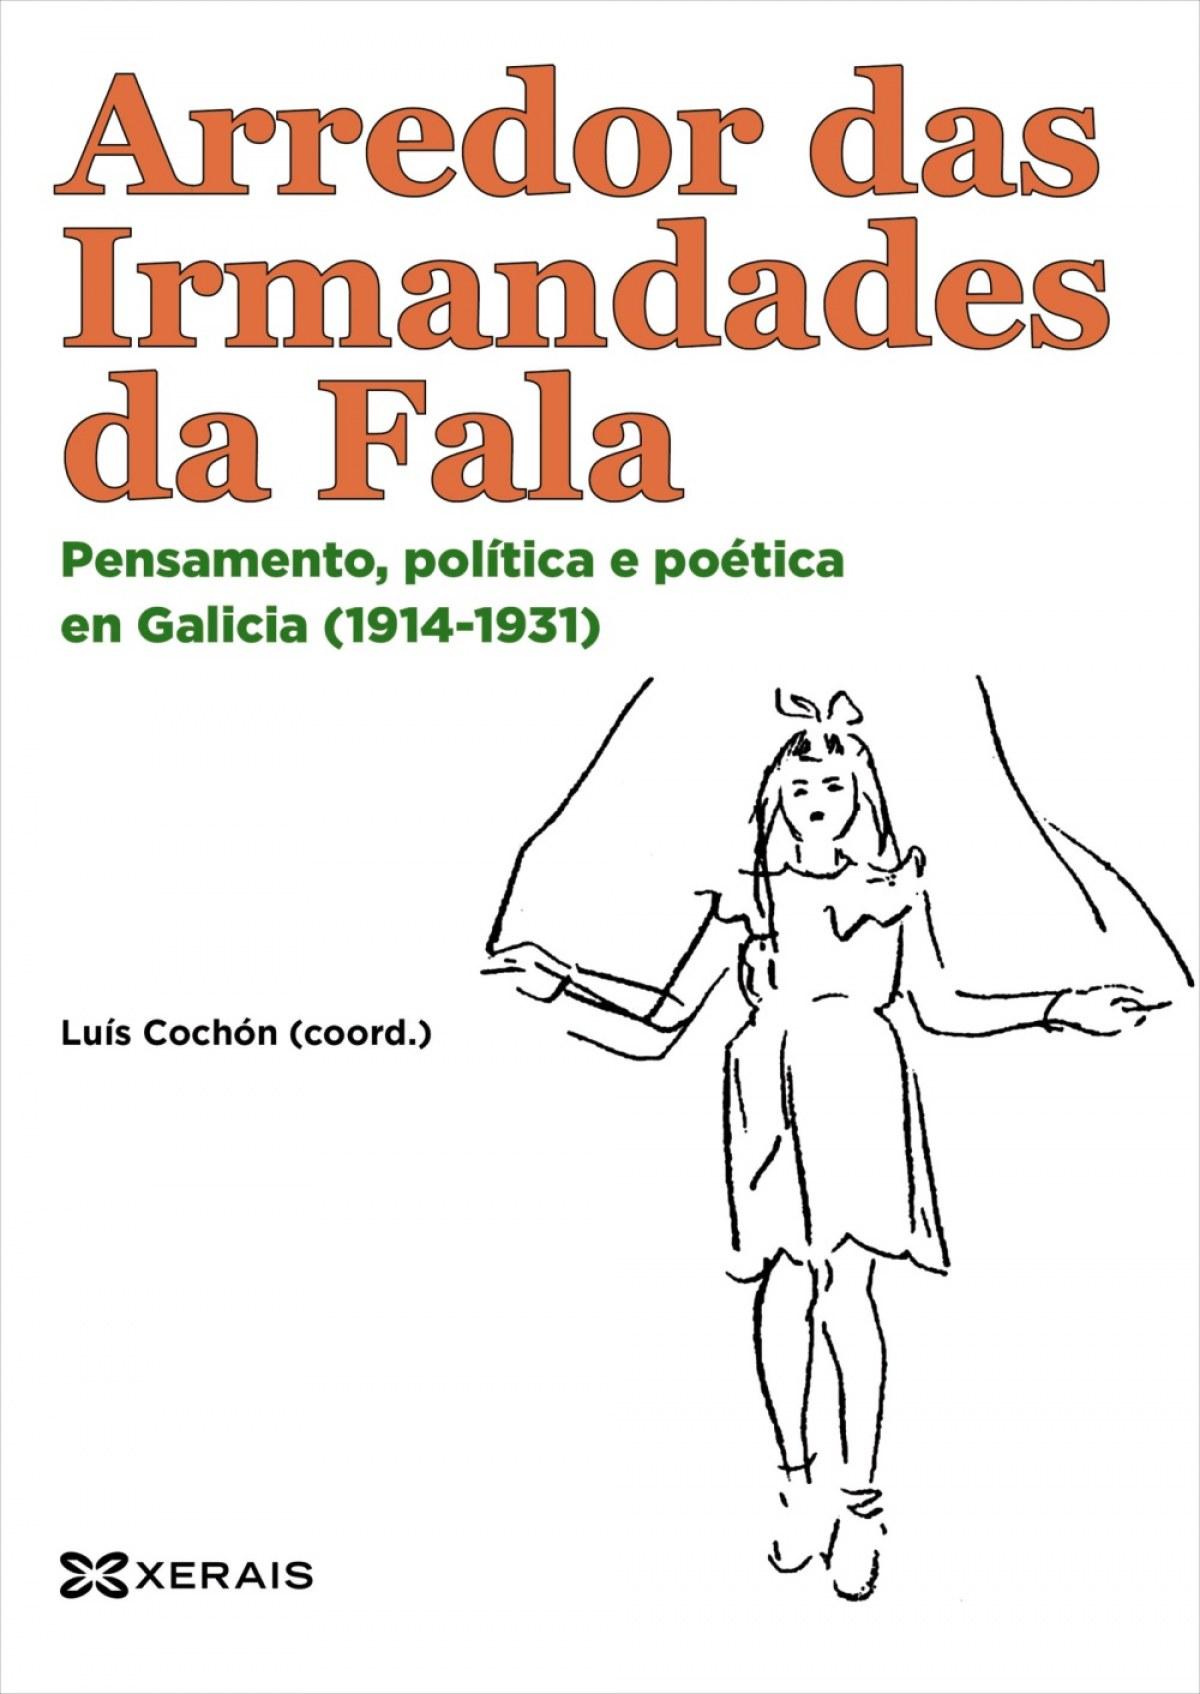 ARREDOR DAS IRMANDADES DA FALA